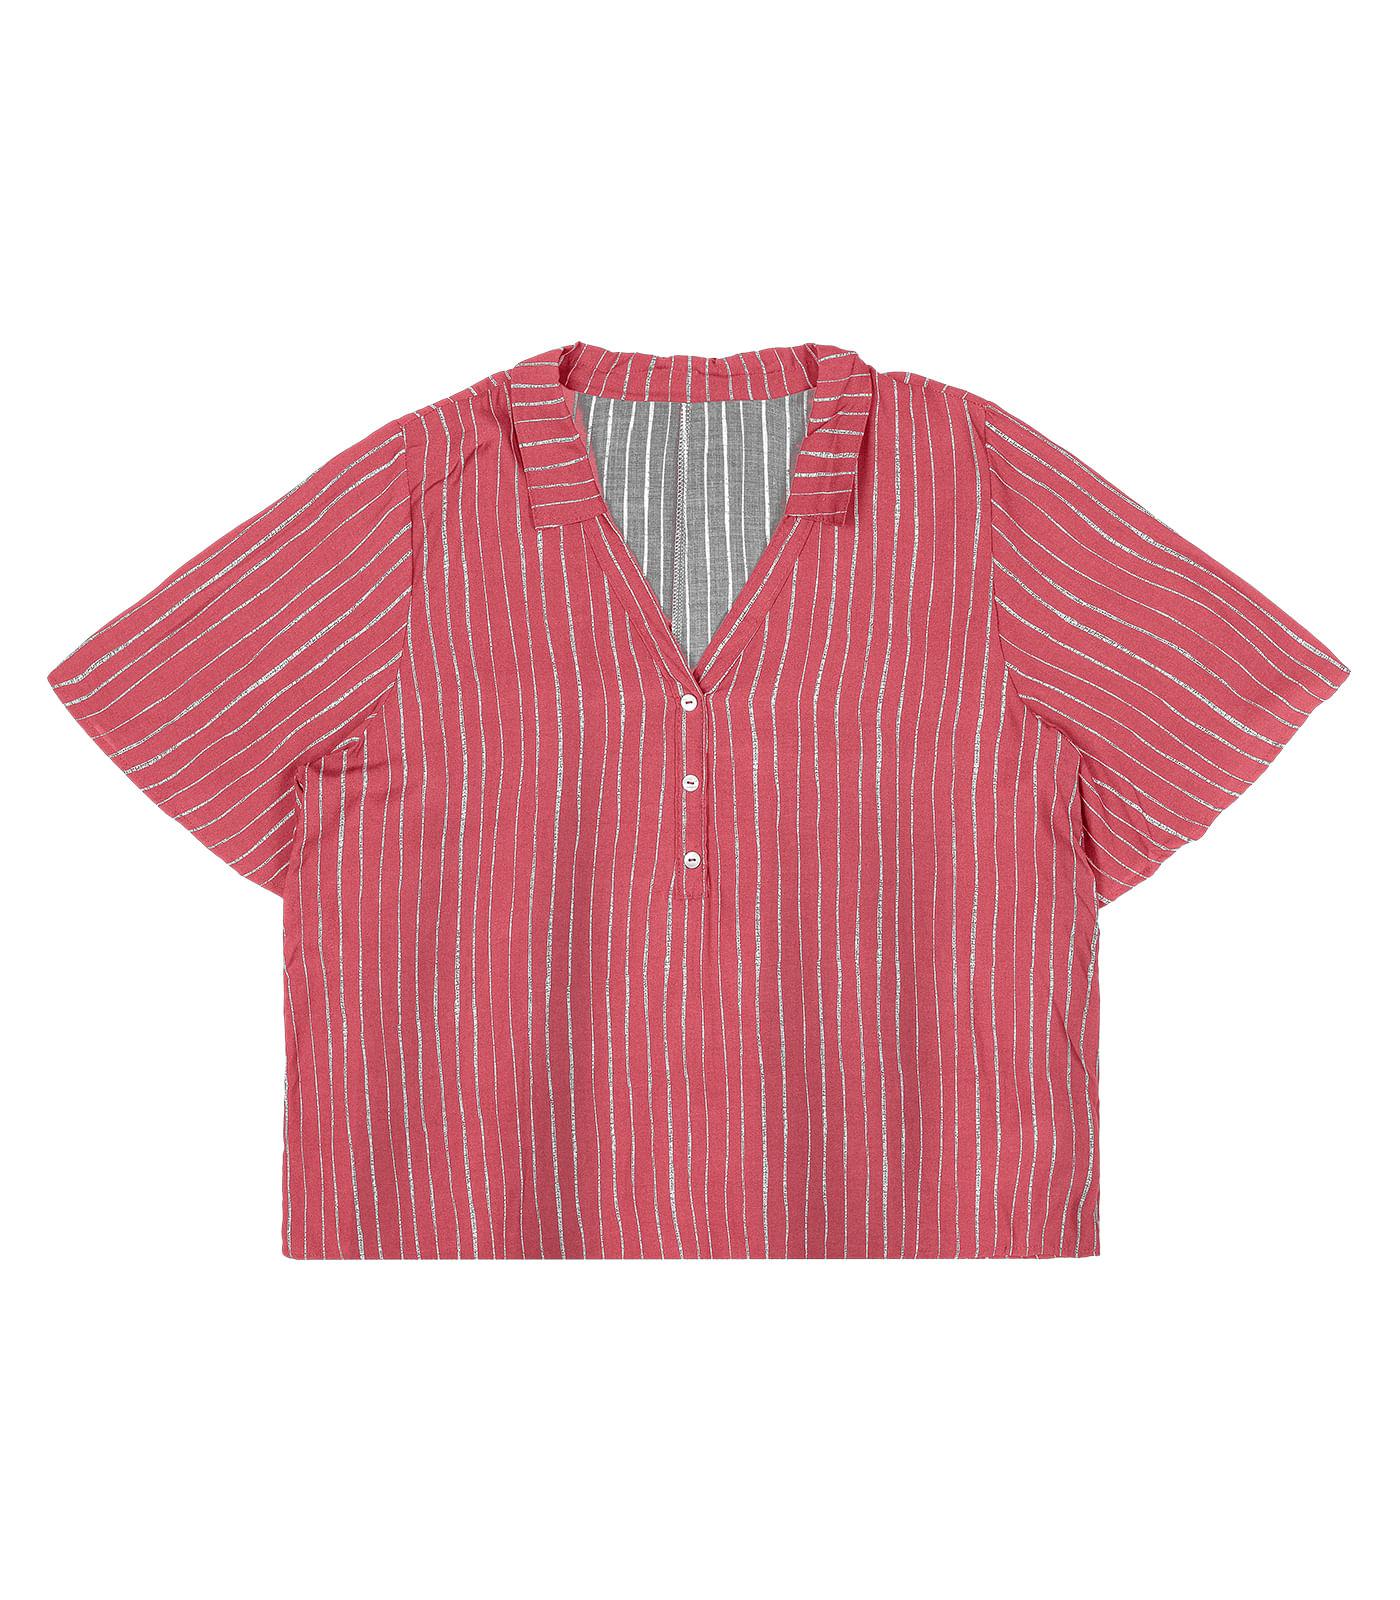 Camisa-Feminina-Plus-Size-Free-Rovitex-Plus-Rosa